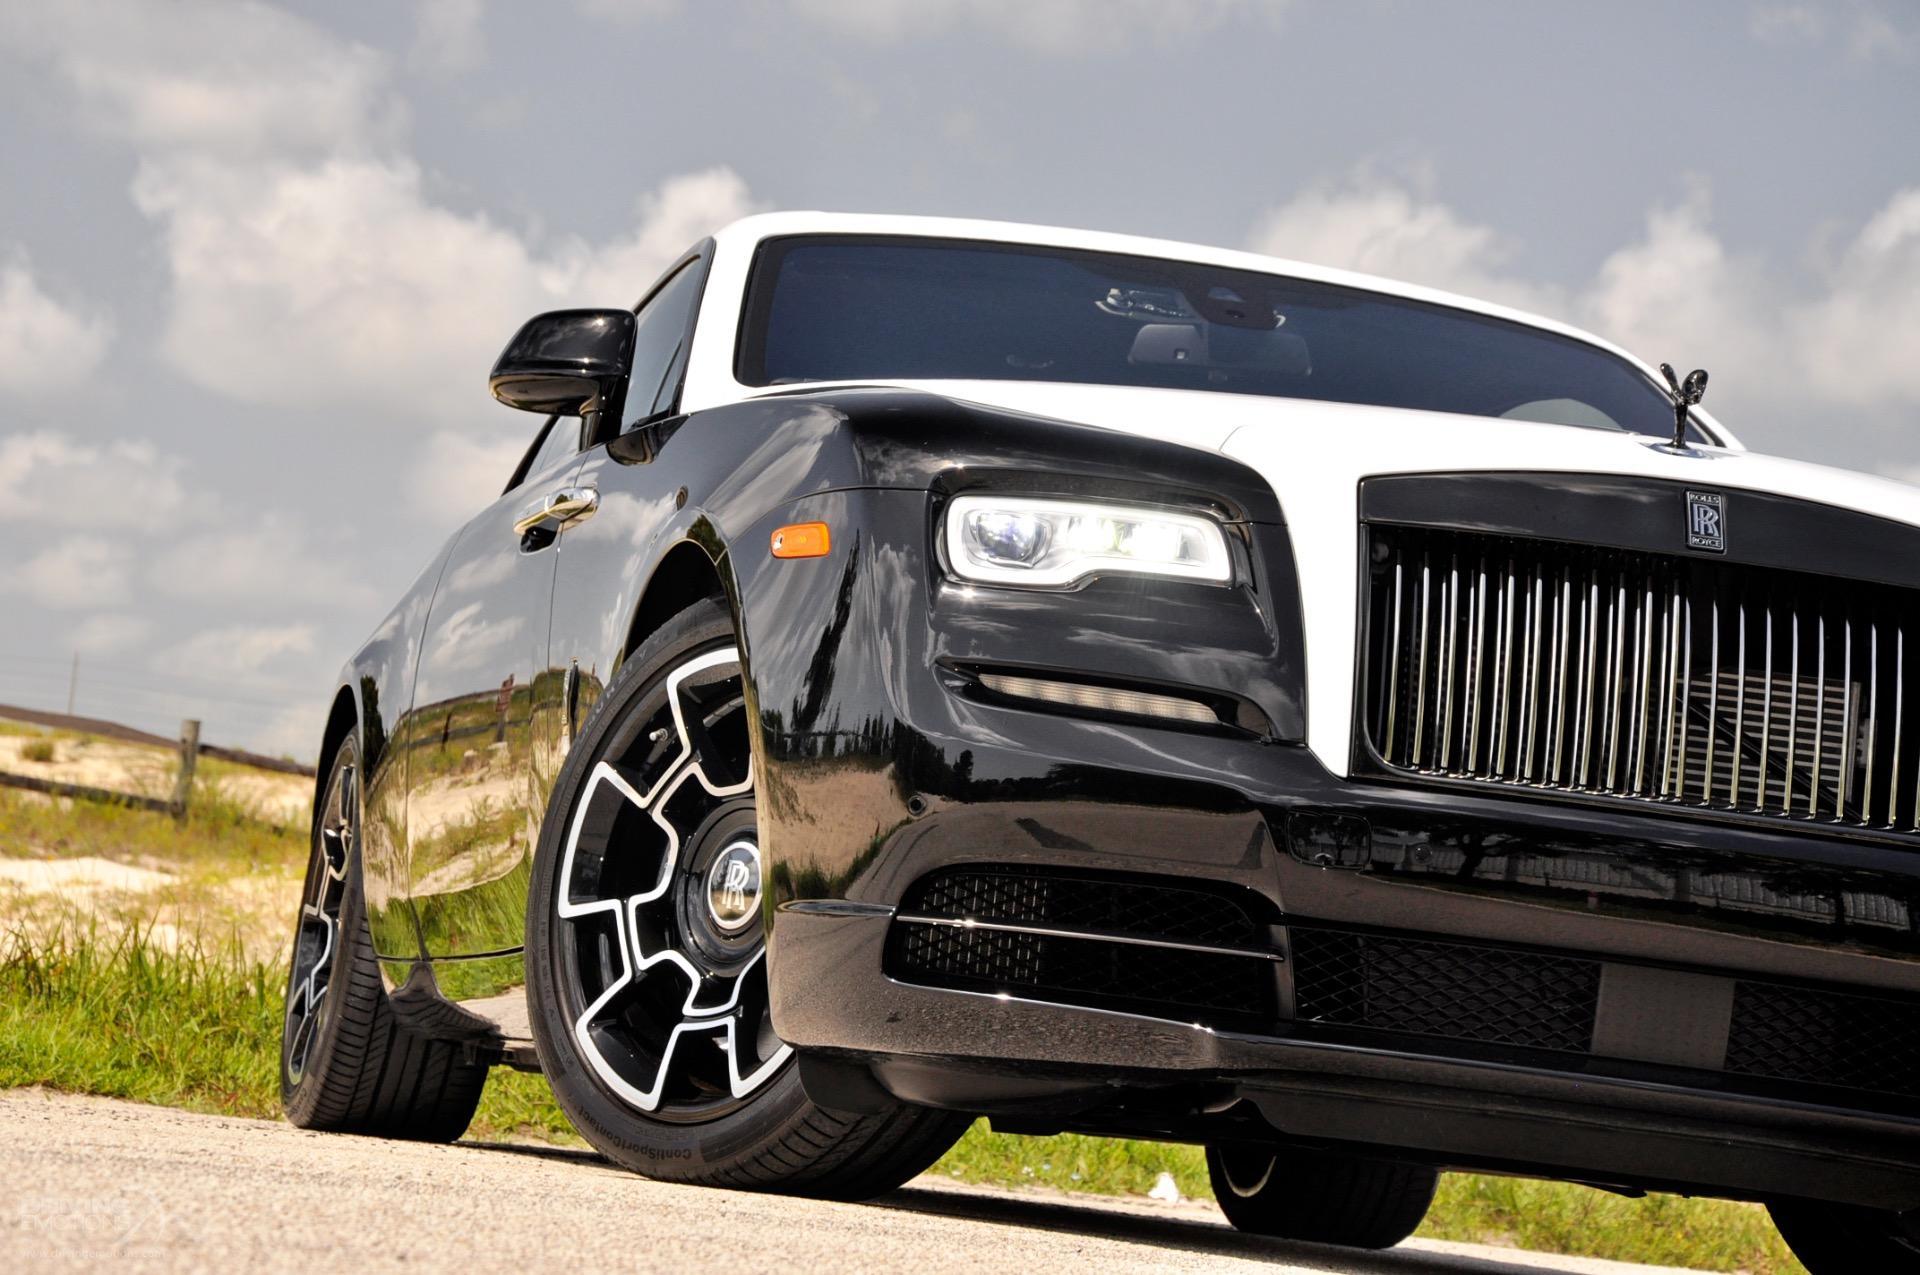 2017 Rolls-Royce Wraith Black Badge $446k MSRP! Base Coupe 2-Door: 2017 ROLLS ROYCE WRAITH BLACK BADGE EDITION! LOW MILES! RARE COLOR! $446k MSRP!!